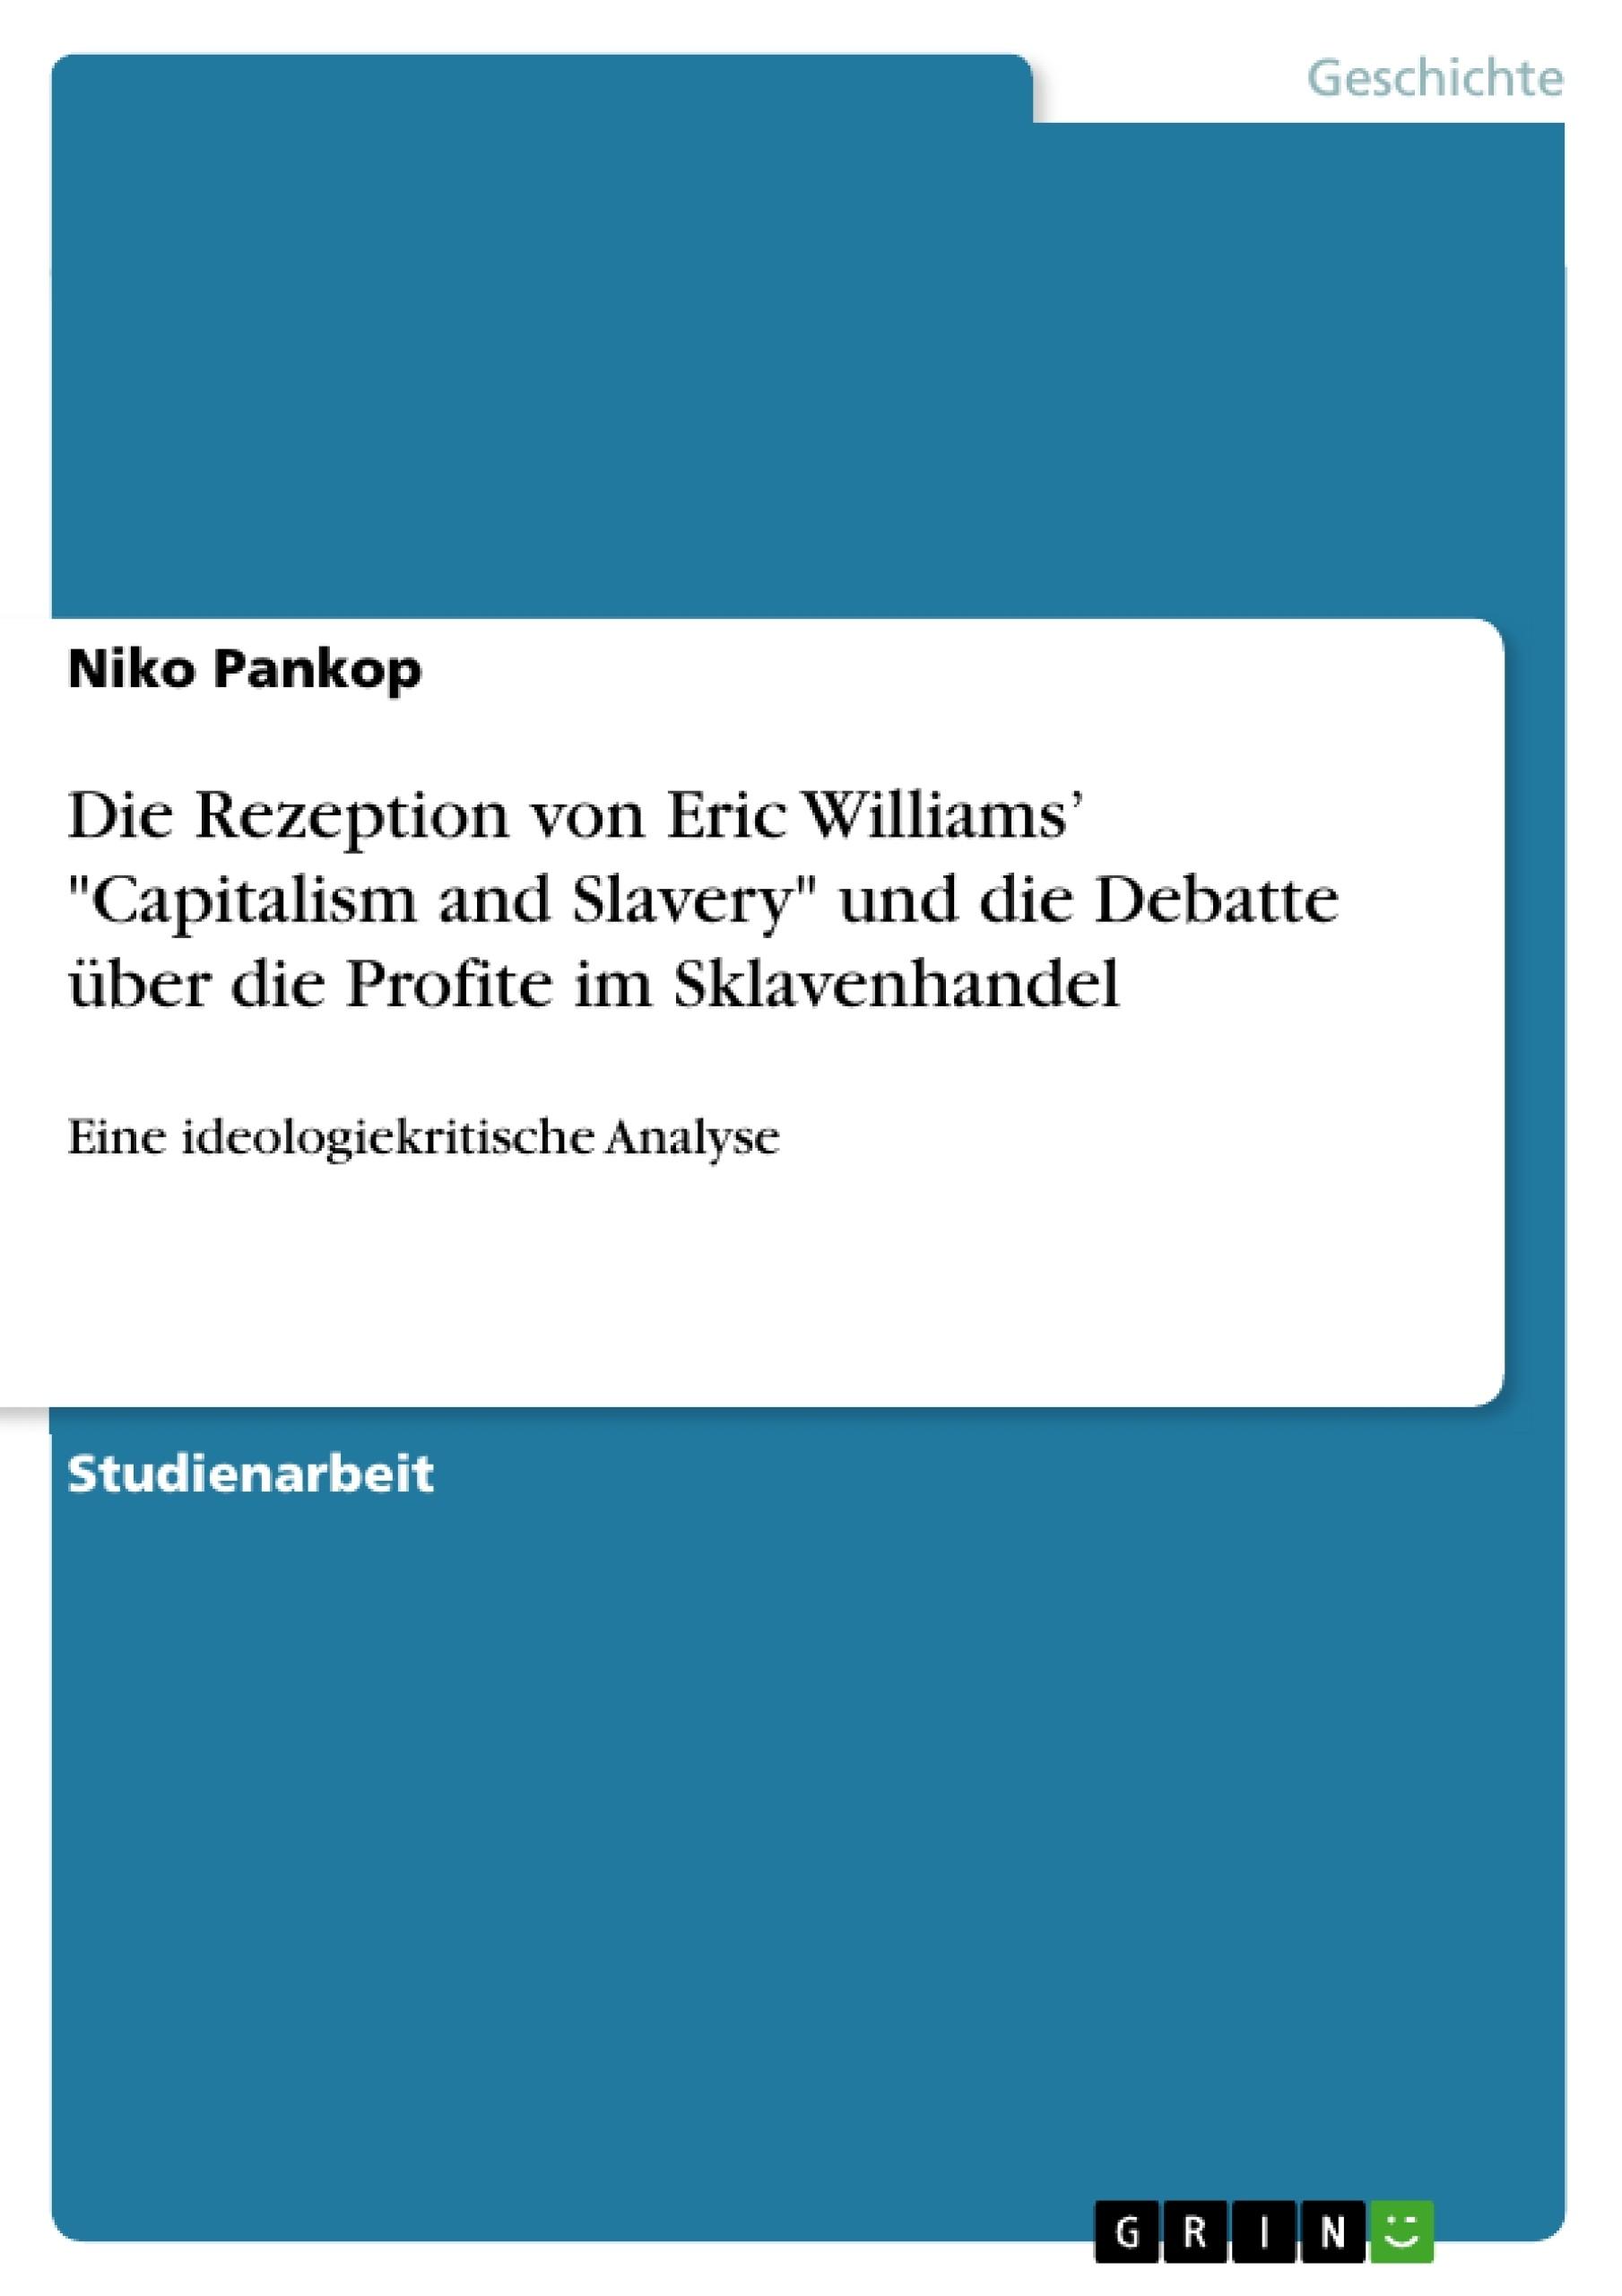 """Titel: Die Rezeption von Eric Williams' """"Capitalism and Slavery"""" und die Debatte über die Profite im Sklavenhandel"""